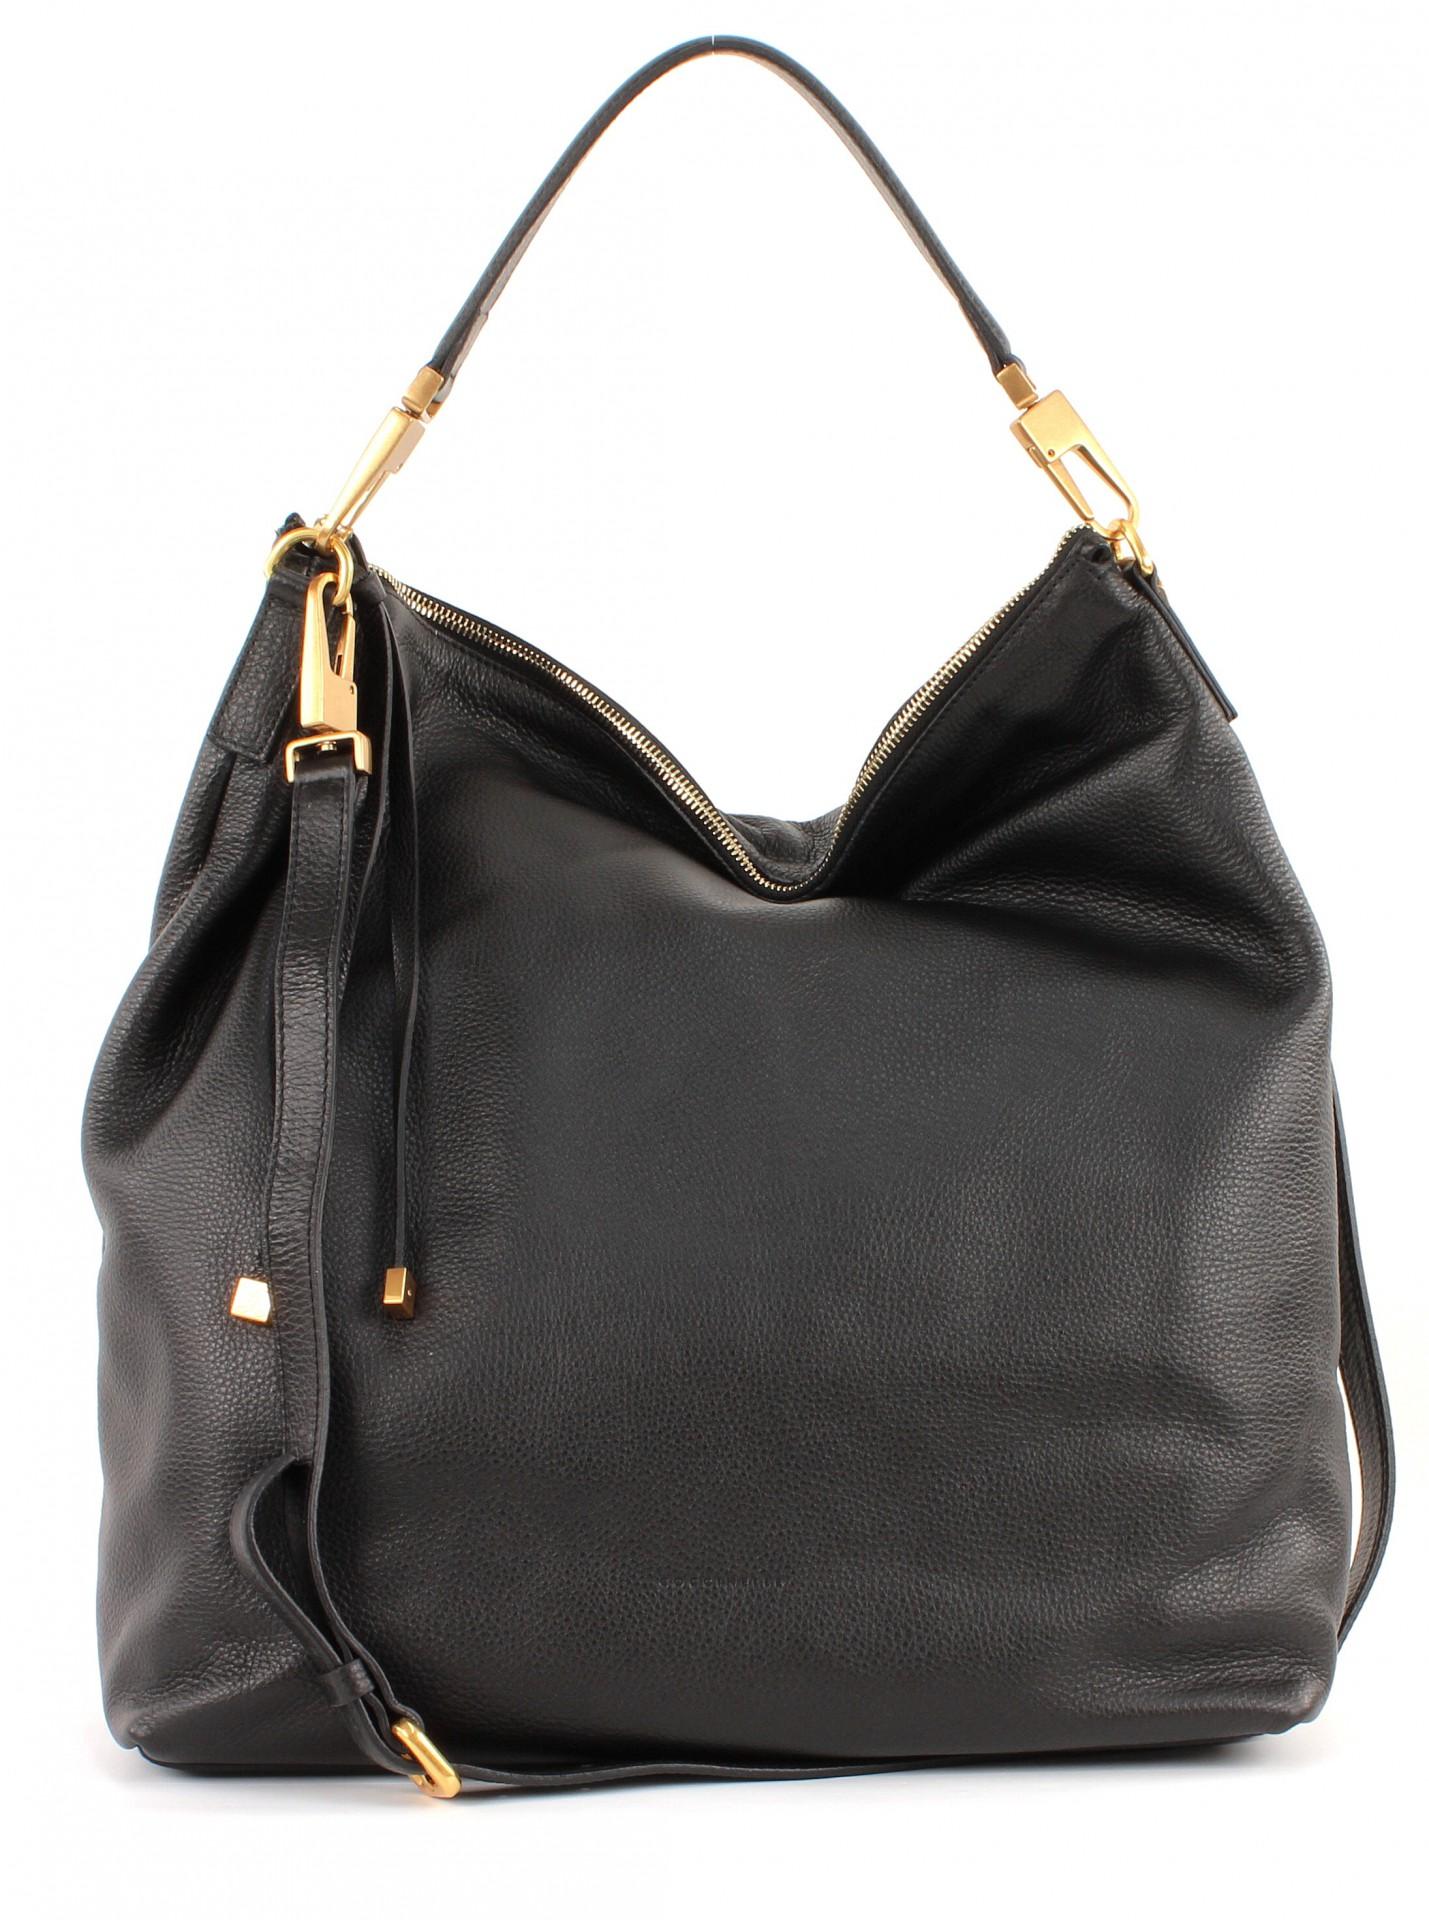 coccinelle roxy satchel bag schultertasche tasche umh ngetasche damen schwarz ebay. Black Bedroom Furniture Sets. Home Design Ideas